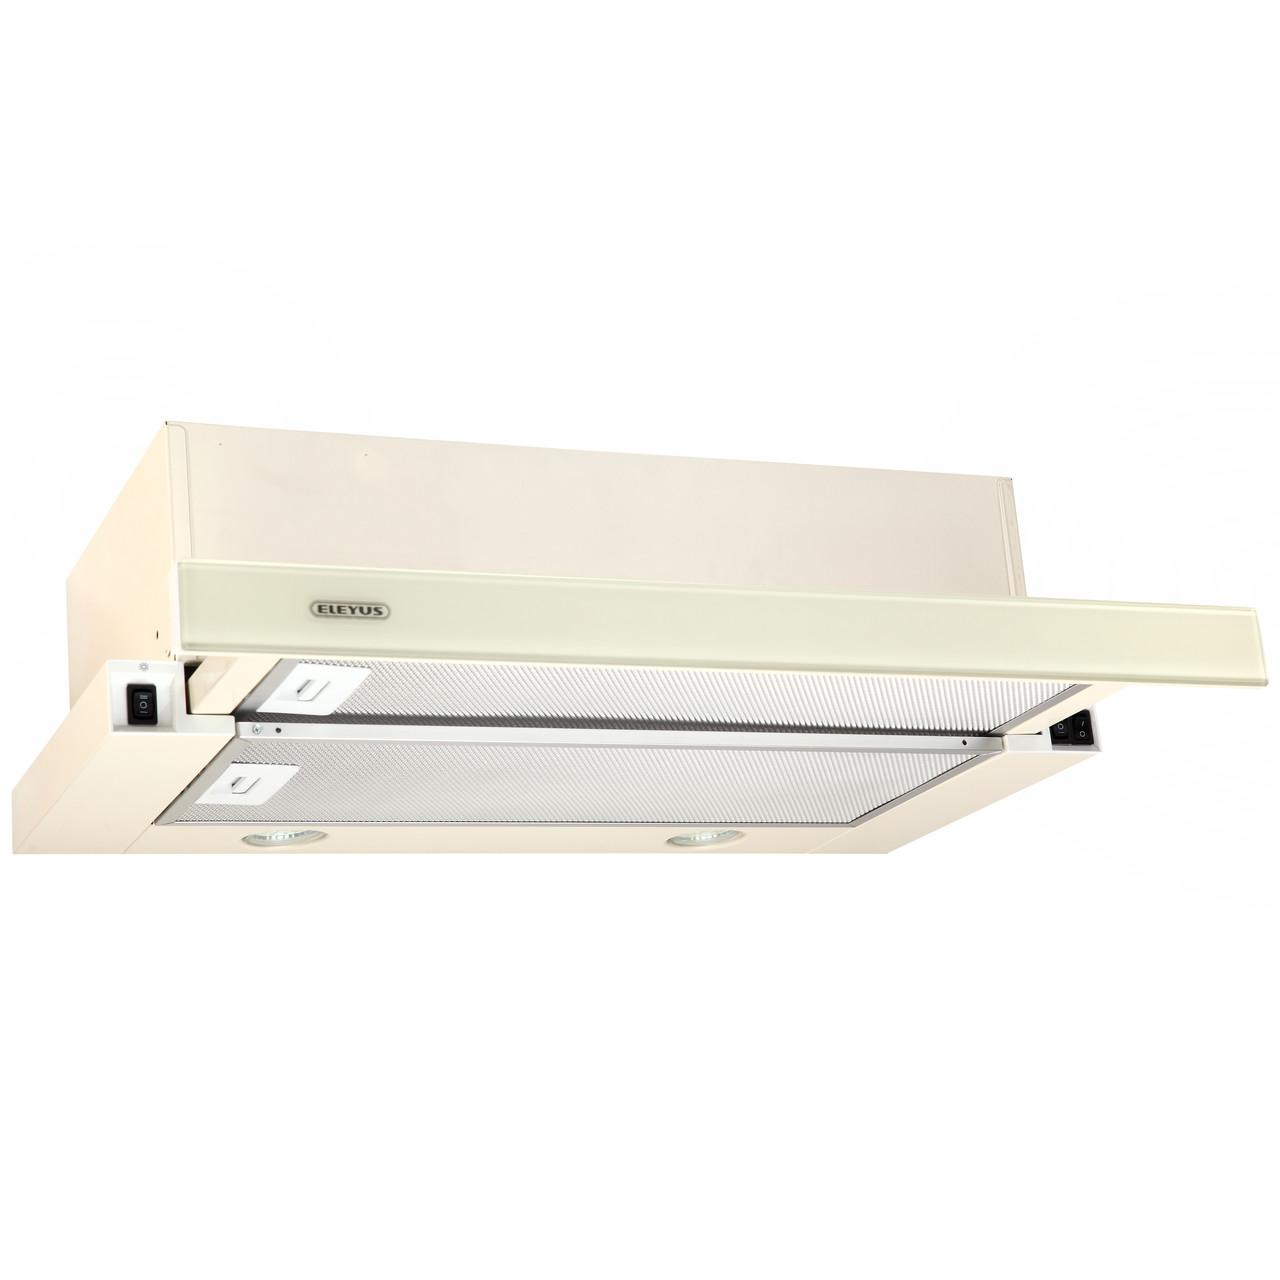 Витяжка кухонна телескопічна ELEYUS Storm G 700 LED SMD 60 BG + Безкоштовна доставка!